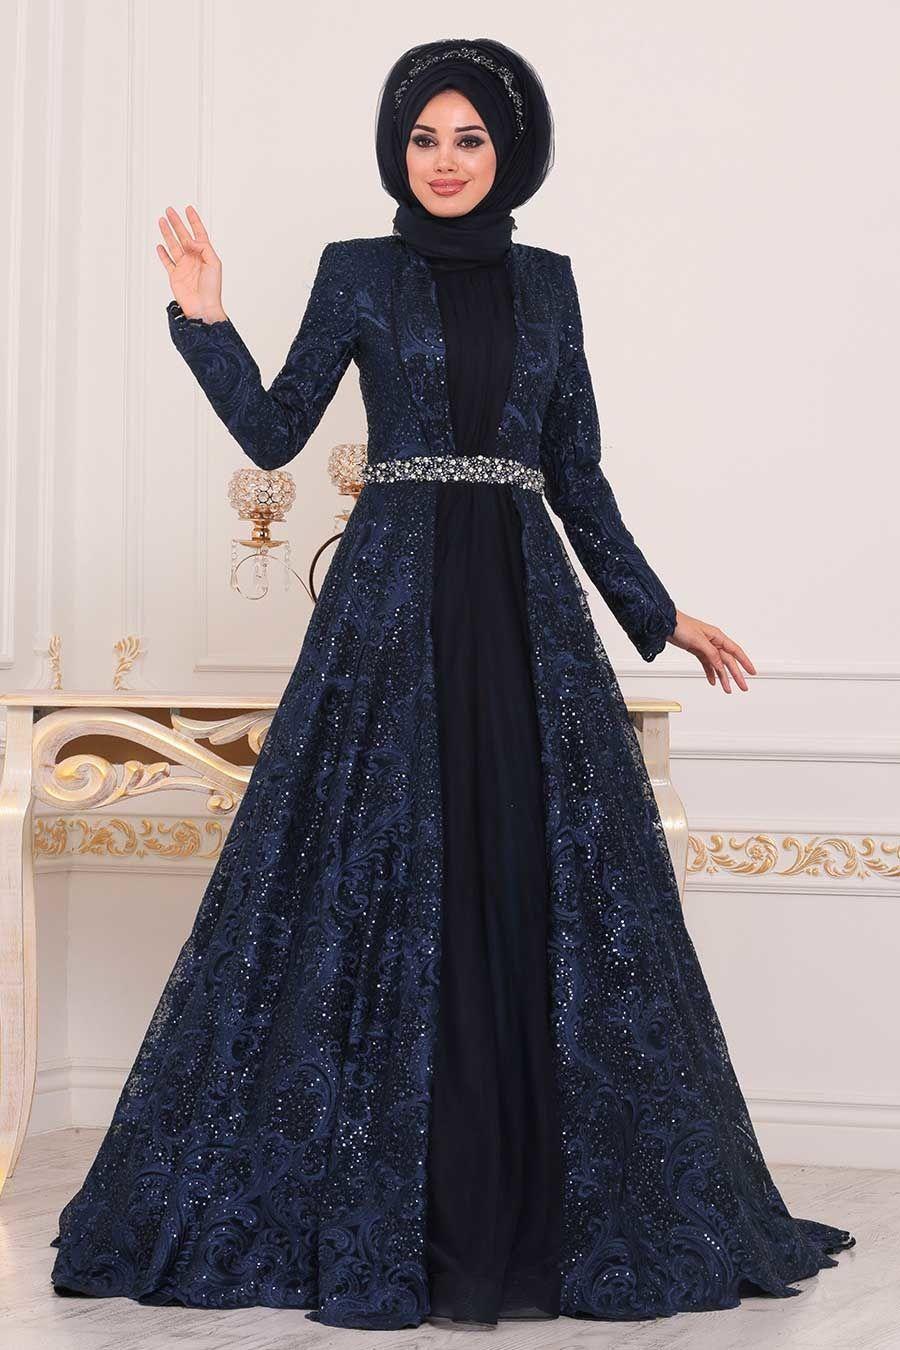 Tesetturlu Abiye Elbise Tas Detayli Lacivert Tesettur Abiye Elbise 47050l Tesetturisland Com Elbise The Dress Aksamustu Giysileri